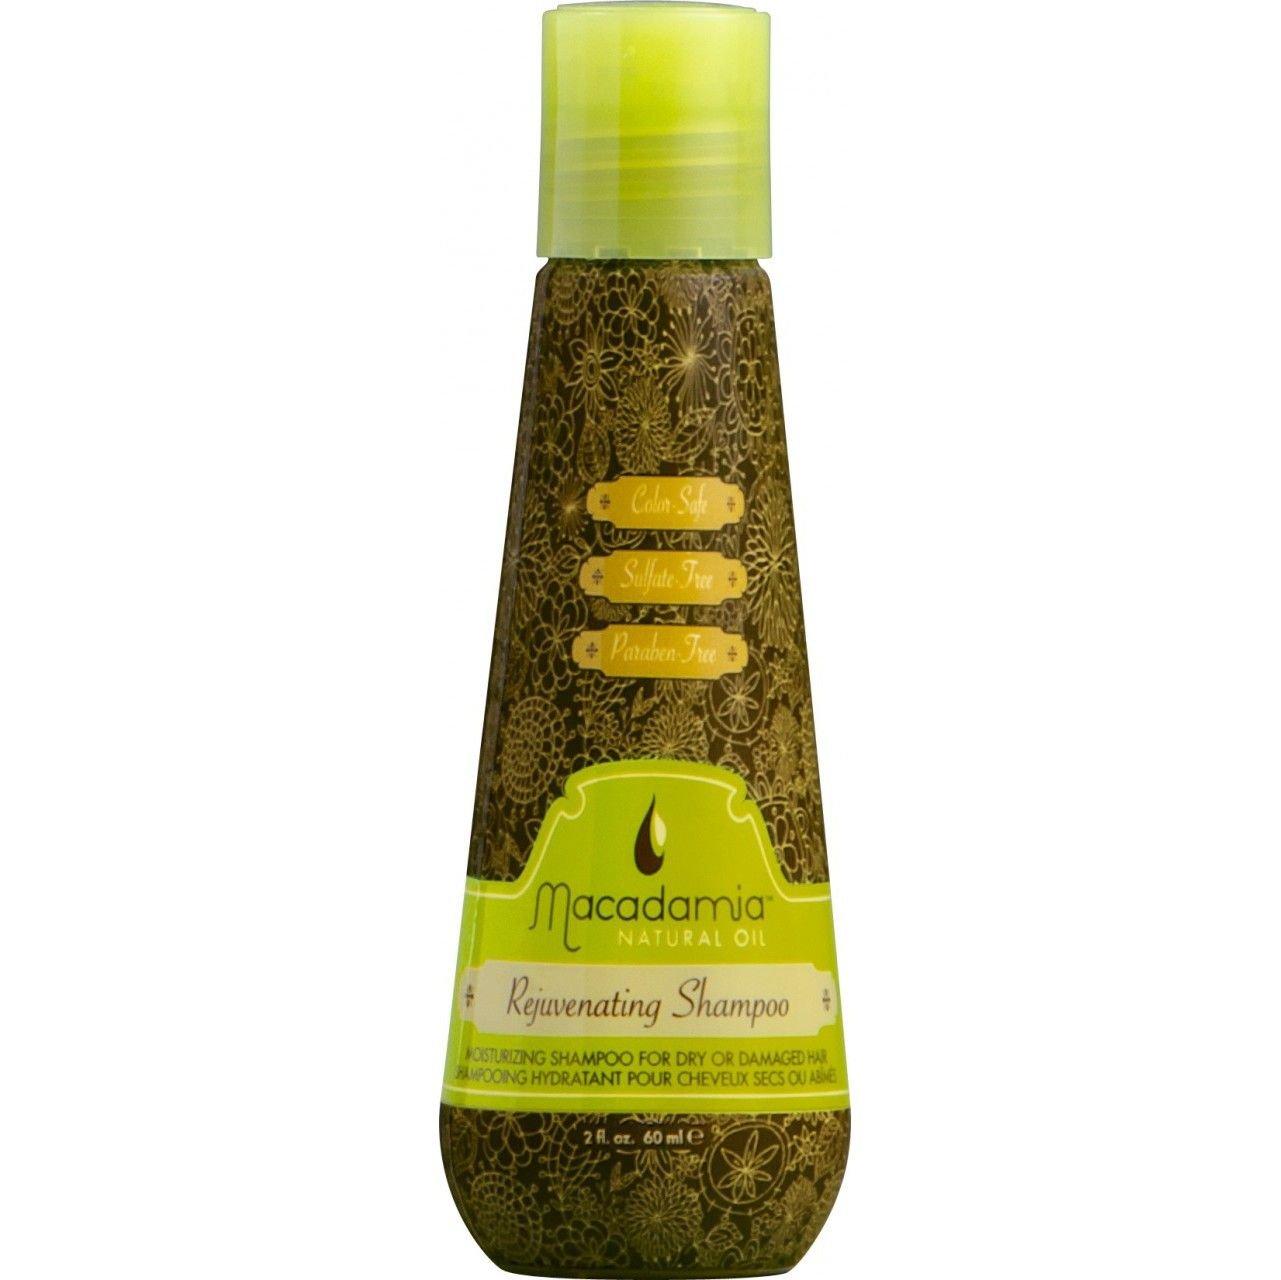 Macadamia Rejuvenating Shampoo Dry Hair Cosmetic 300ml